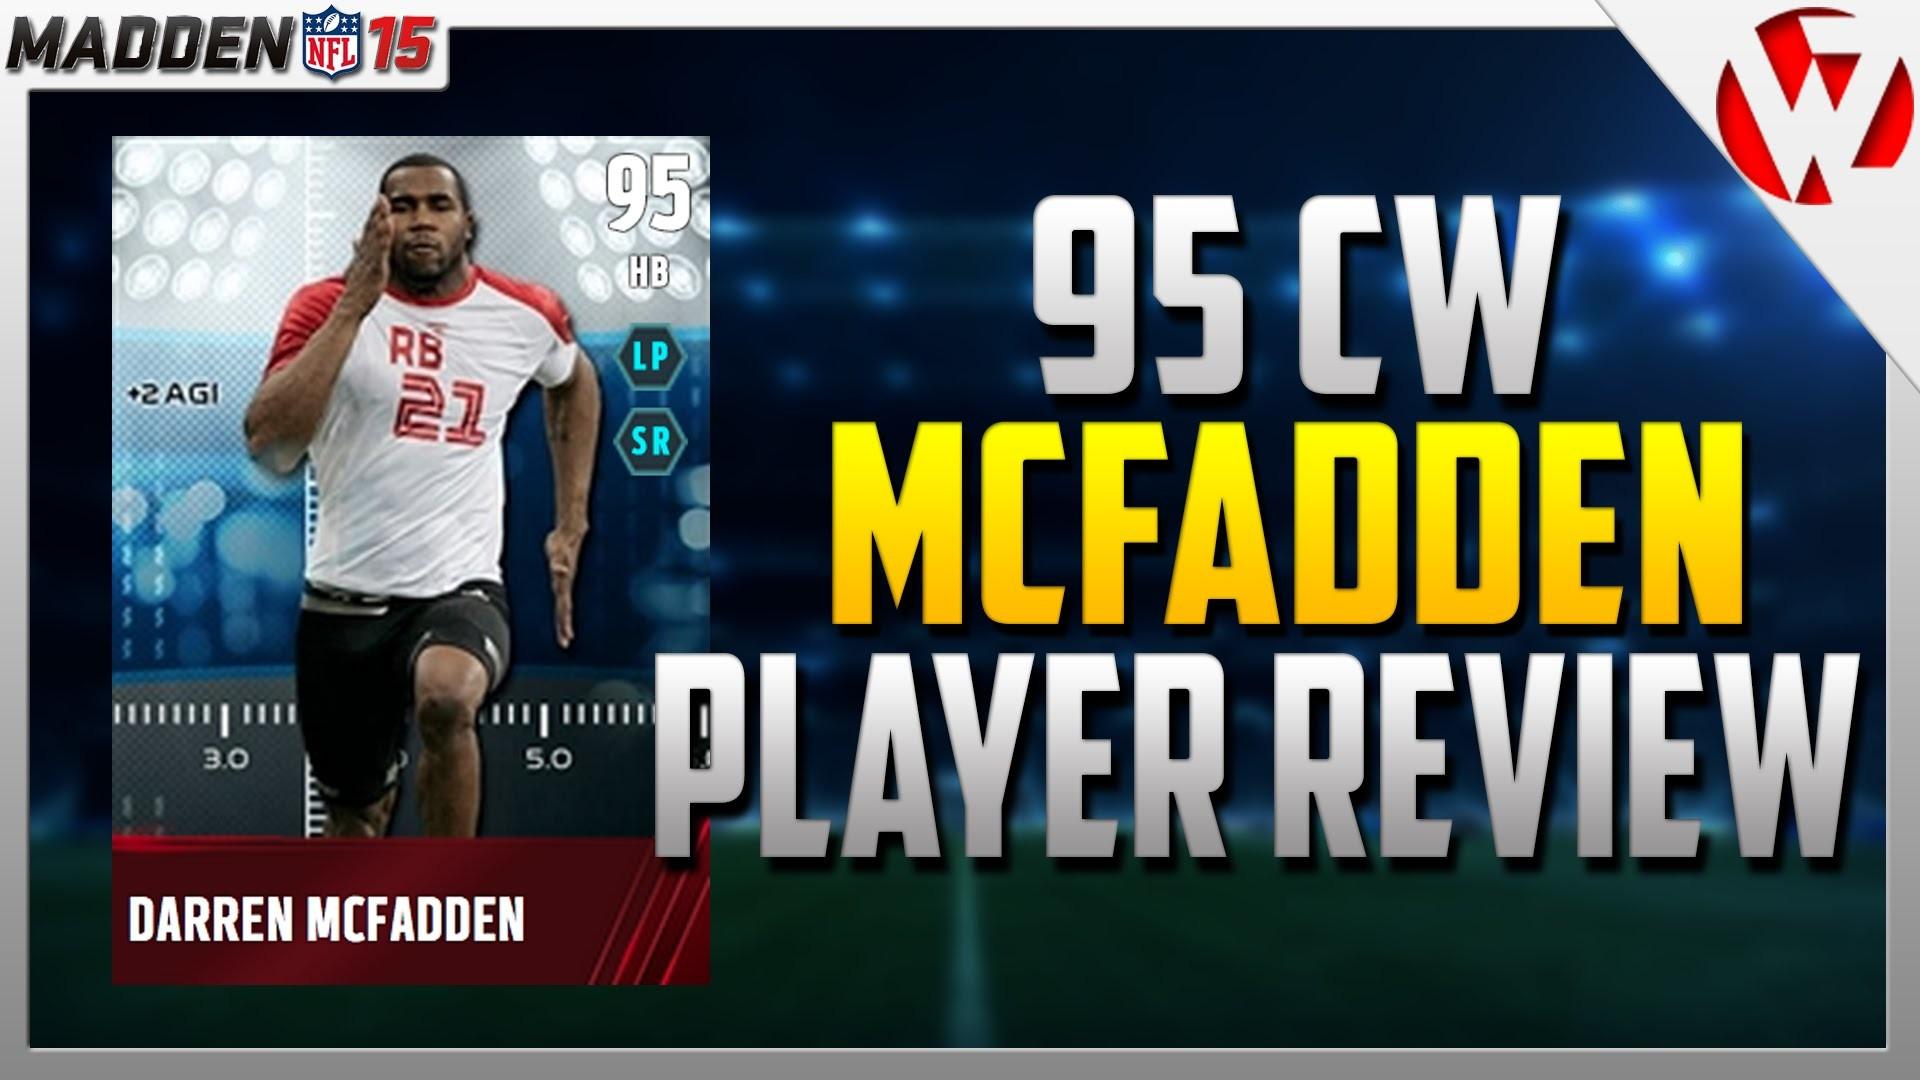 Res: 1920x1080, Madden 15 COMBINE WARRIOR DARREN MCFADDEN REVIEW (95) - Madden 15 Player  Review